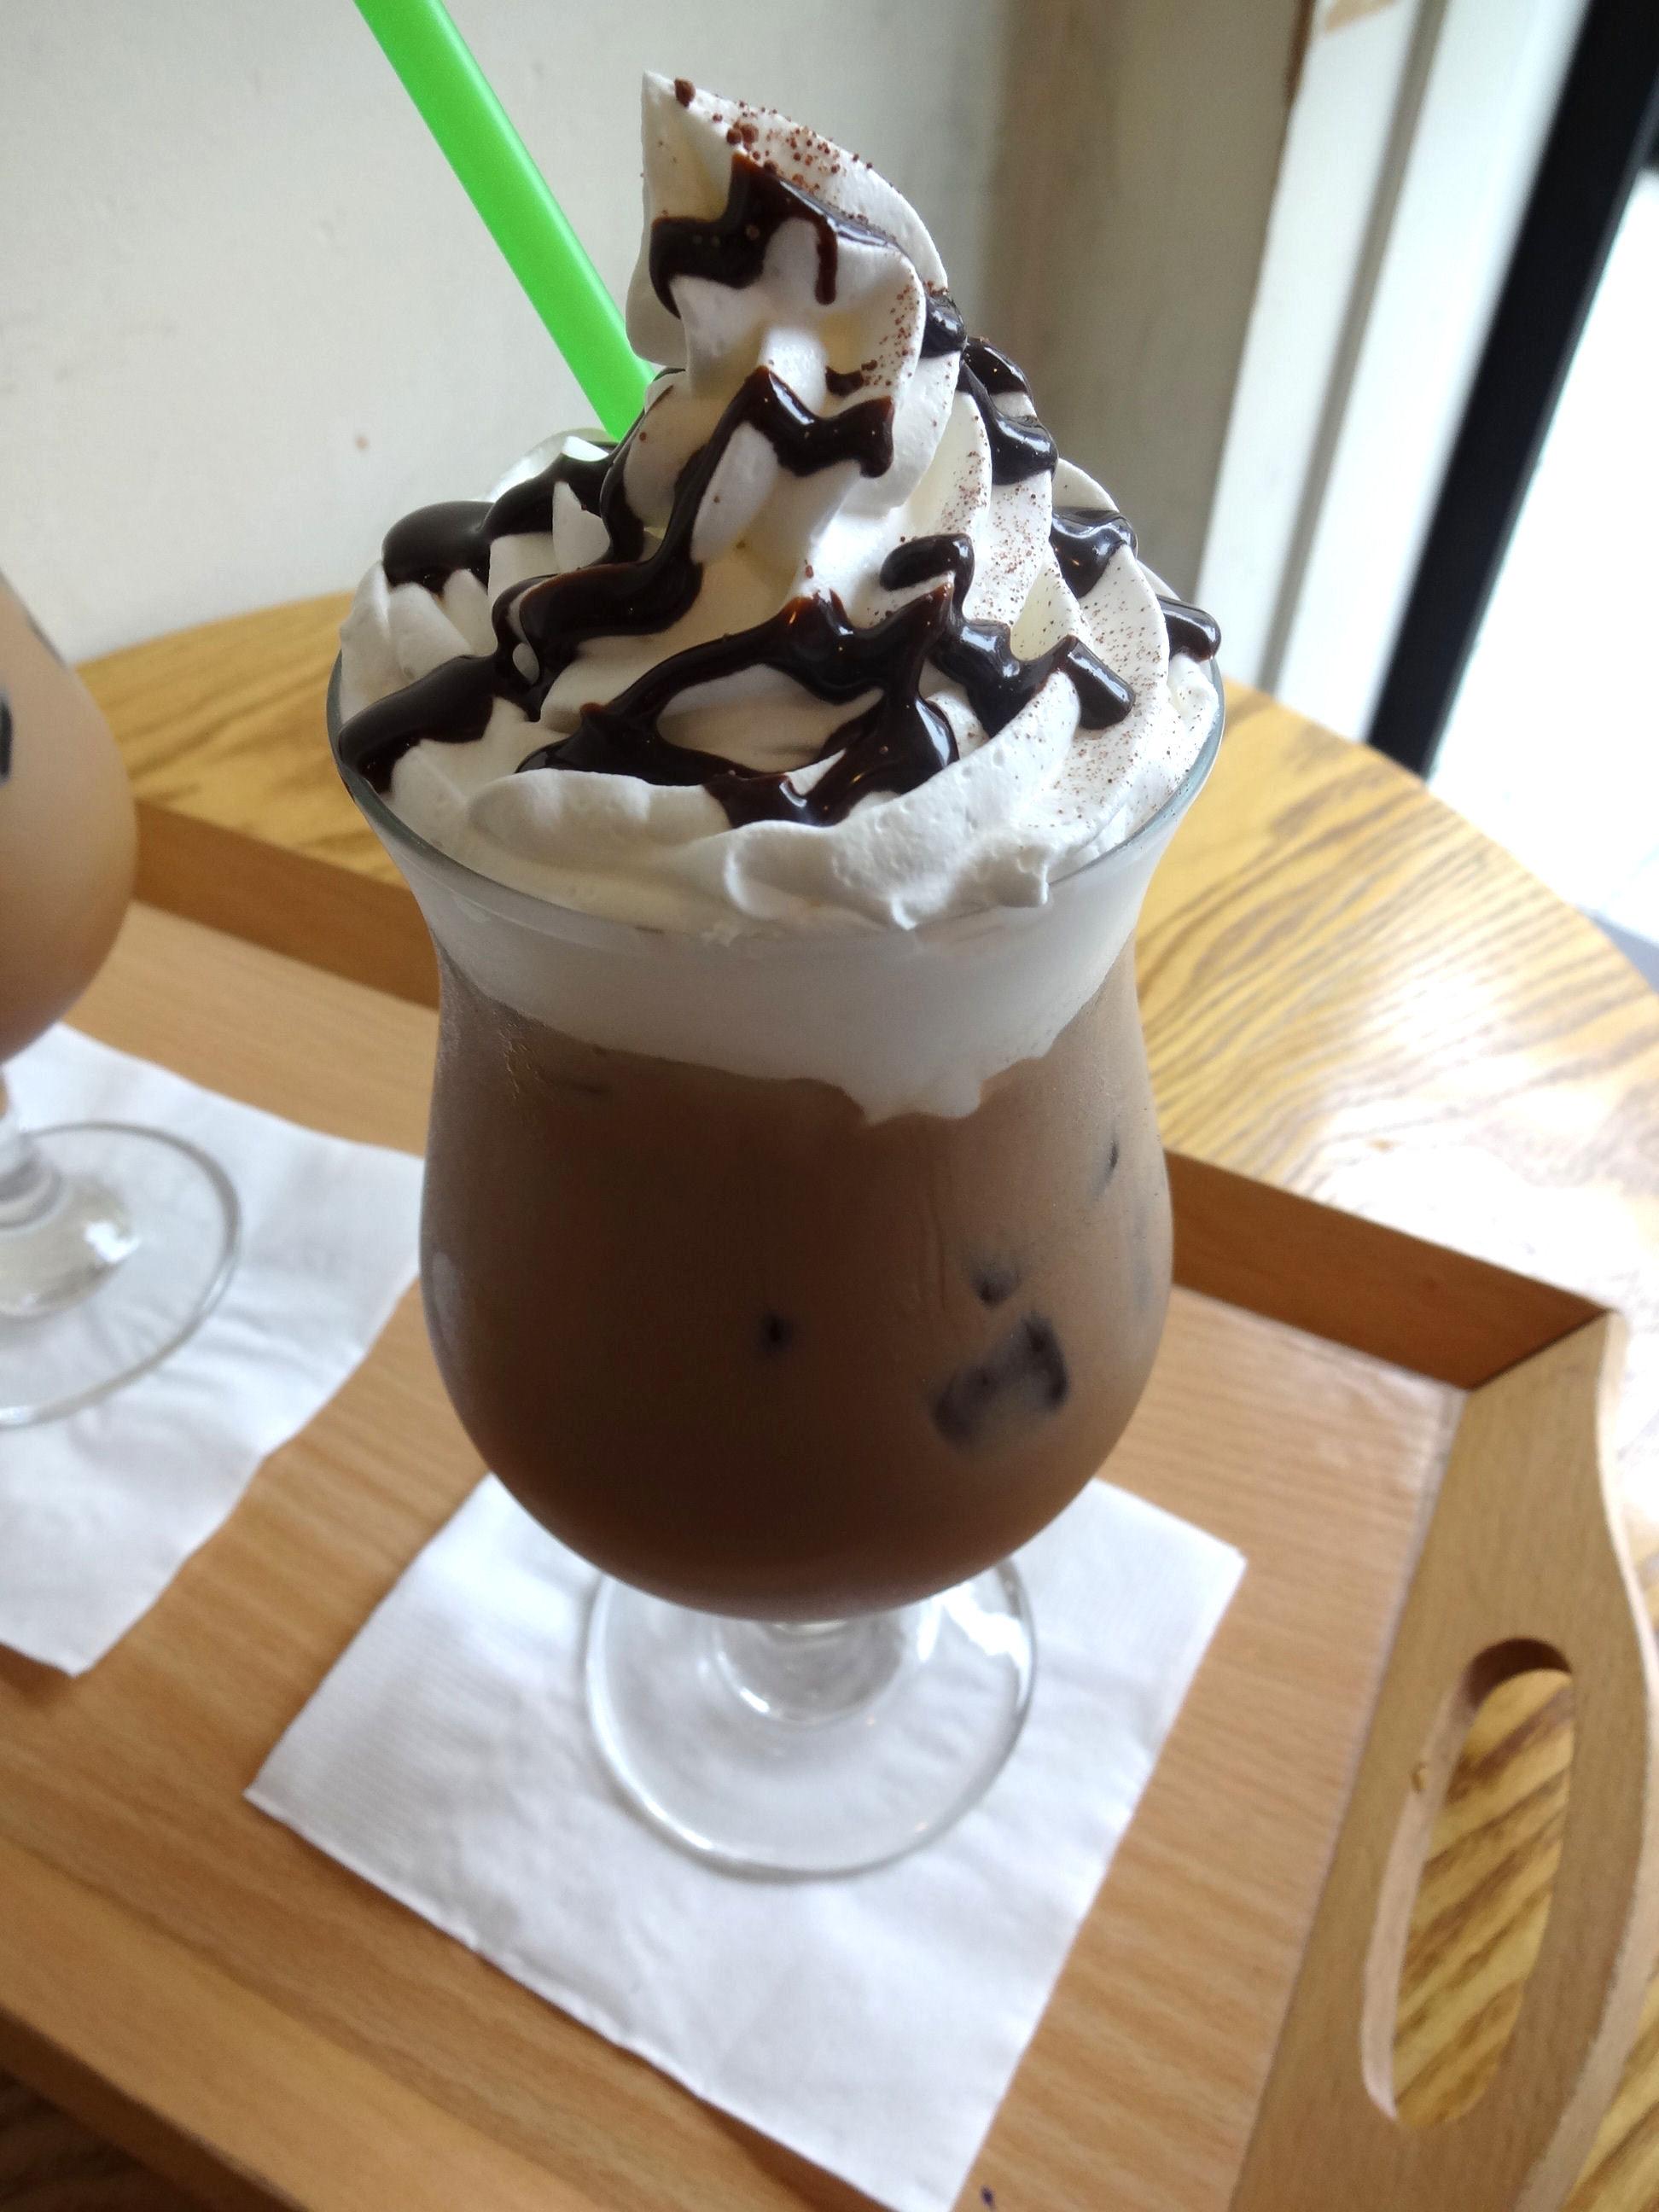 8月 ソウル旅行 その2 薬水駅 素敵カフェ「coffee a walk」_f0054260_184559.jpg